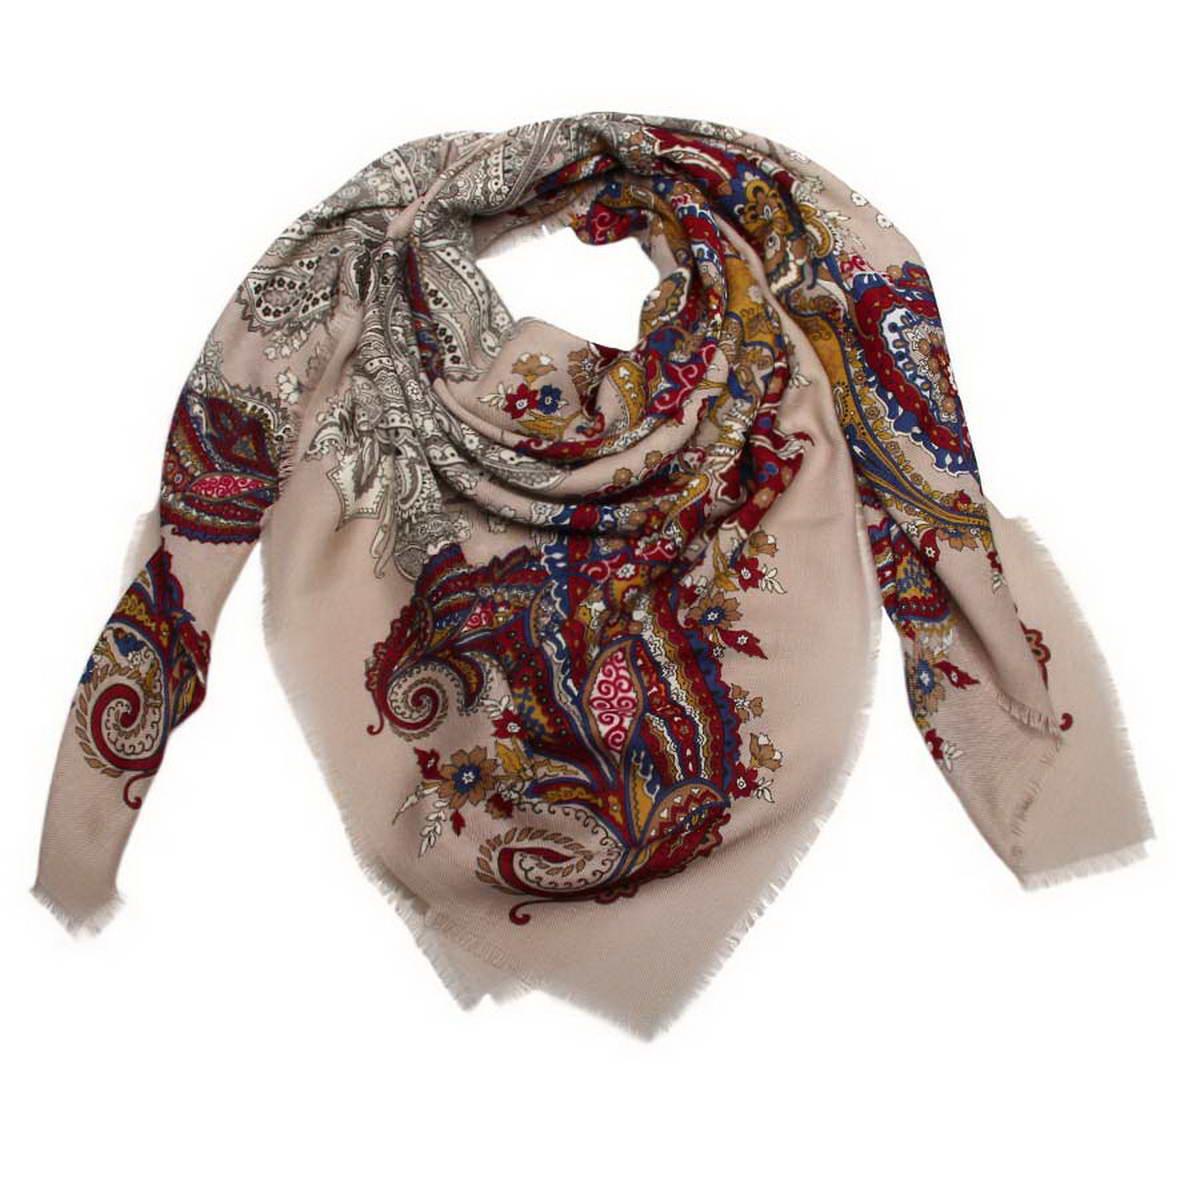 Платок женский. 60004526000452-03Стильный женский платок Venera станет великолепным завершением любого наряда. Платок изготовлен из полиэстера и оформлен оригинальным принтом. Края изделия дополнены бахромой. Классическая квадратная форма позволяет носить платок на шее, украшать им прическу или декорировать сумочку. Легкий и приятный на ощупь платок поможет вам создать изысканный женственный образ. Такой платок превосходно дополнит любой наряд и подчеркнет ваш неповторимый вкус и элегантность.